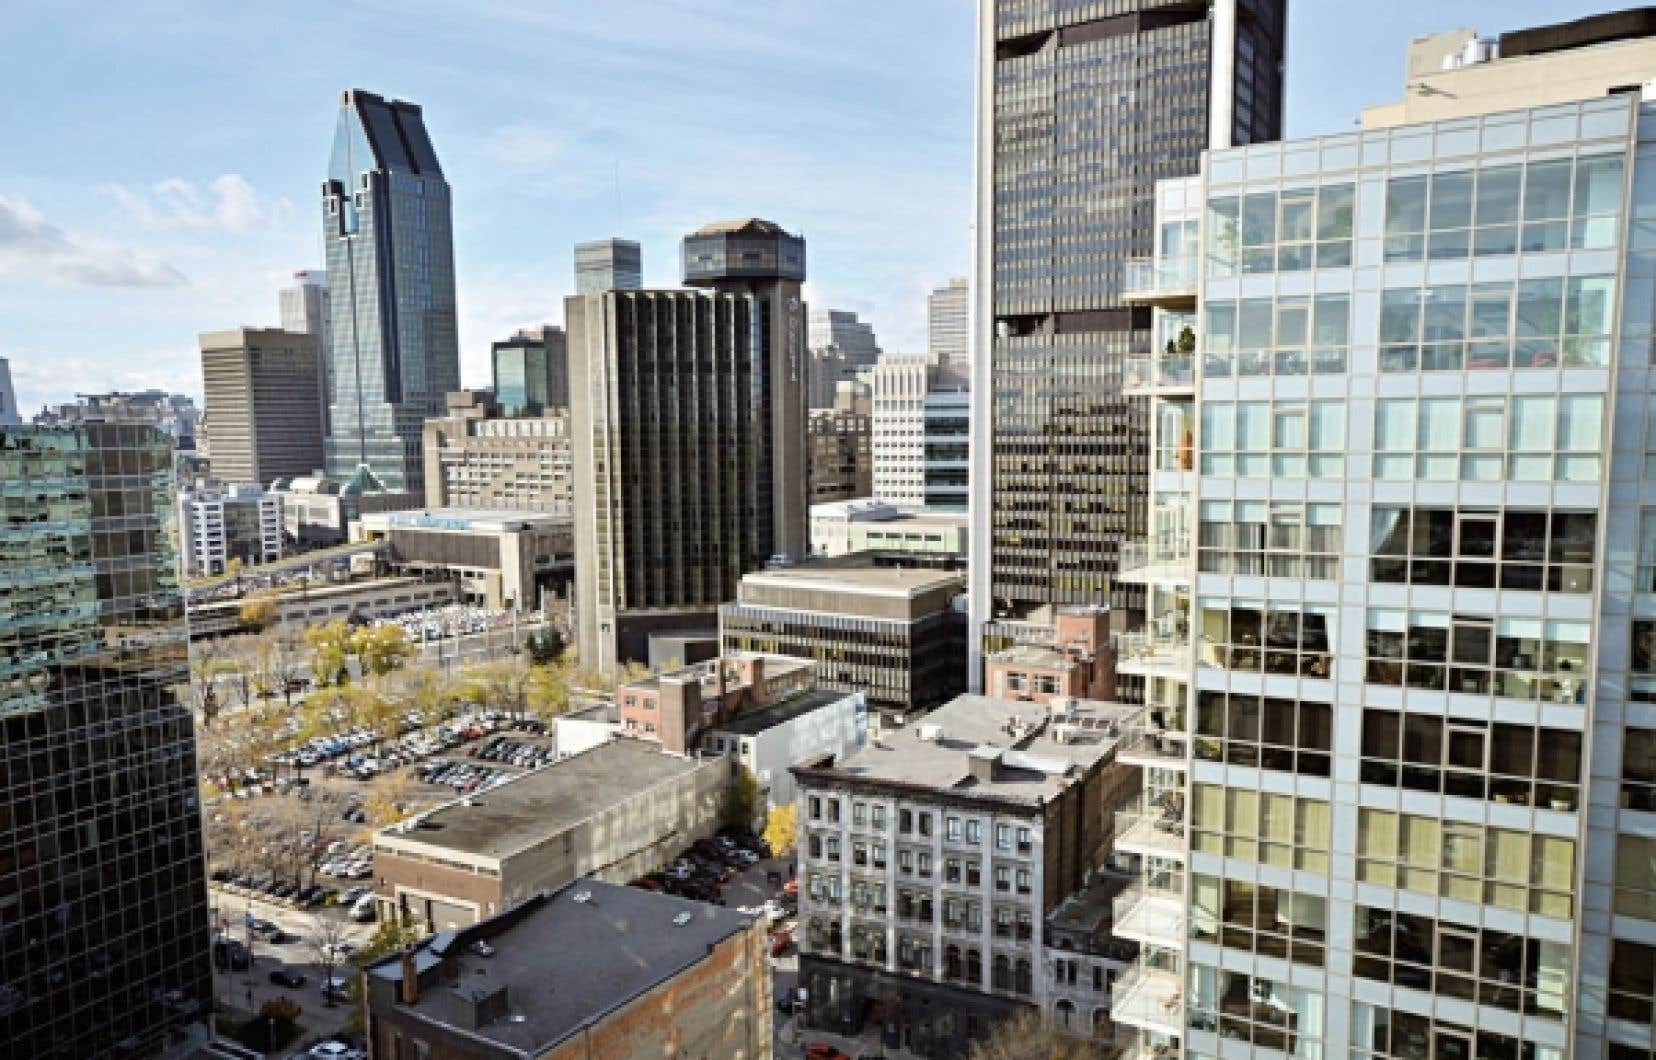 Les condos Saint M se situent &agrave; la crois&eacute;e du Vieux-Montr&eacute;al et du centre-ville.<br />